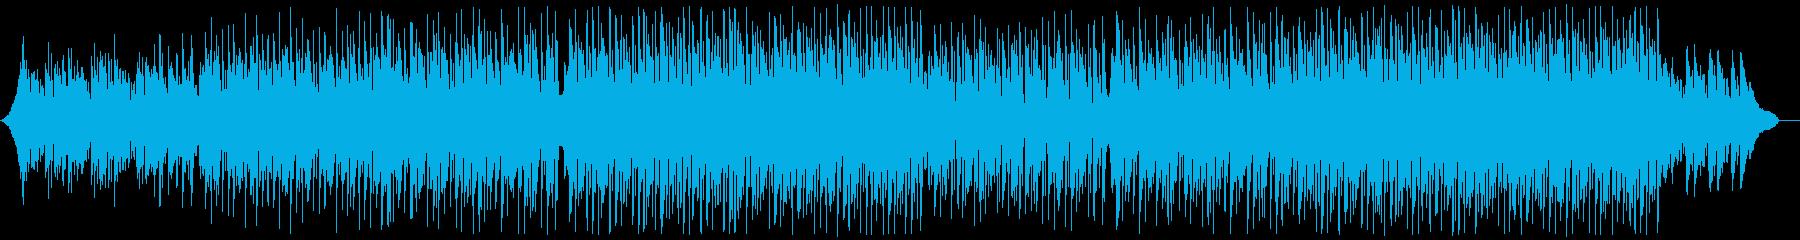 現代的な和風三味線ポップ:和楽器無しの再生済みの波形